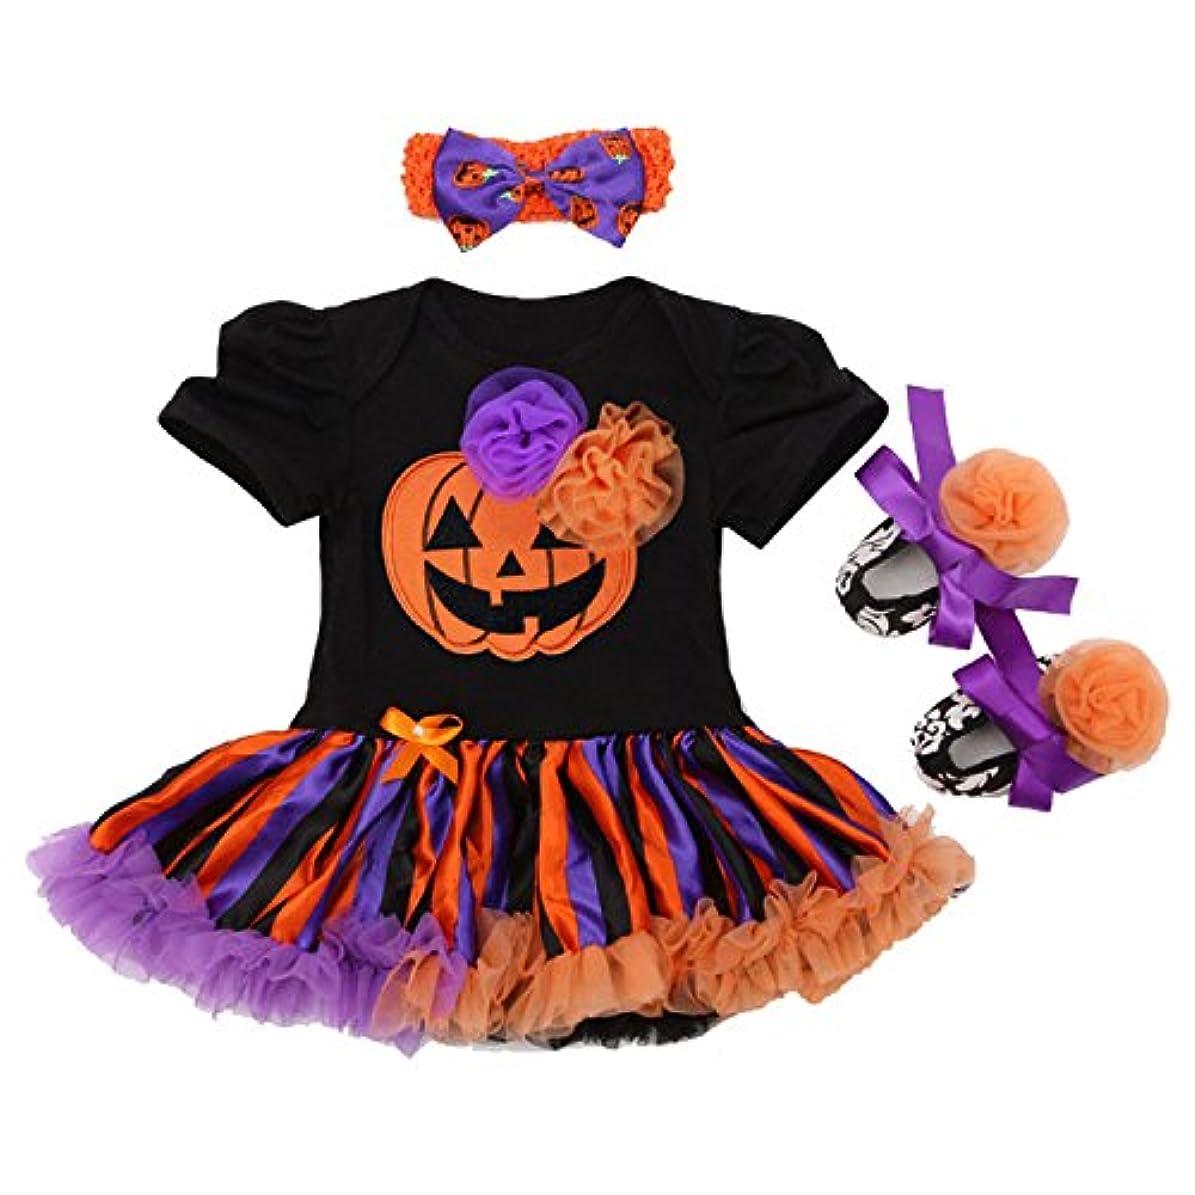 (ヘイトライ)heytr ハロウィン コスチューム 子供 ハロウィン 衣装 ロンパース 子供 かぼちゃ コスプレ 仮装 パーティ ベビー 魔女 パンプキン 3点セット (80(12-24ヶ月対応), タイプ2)